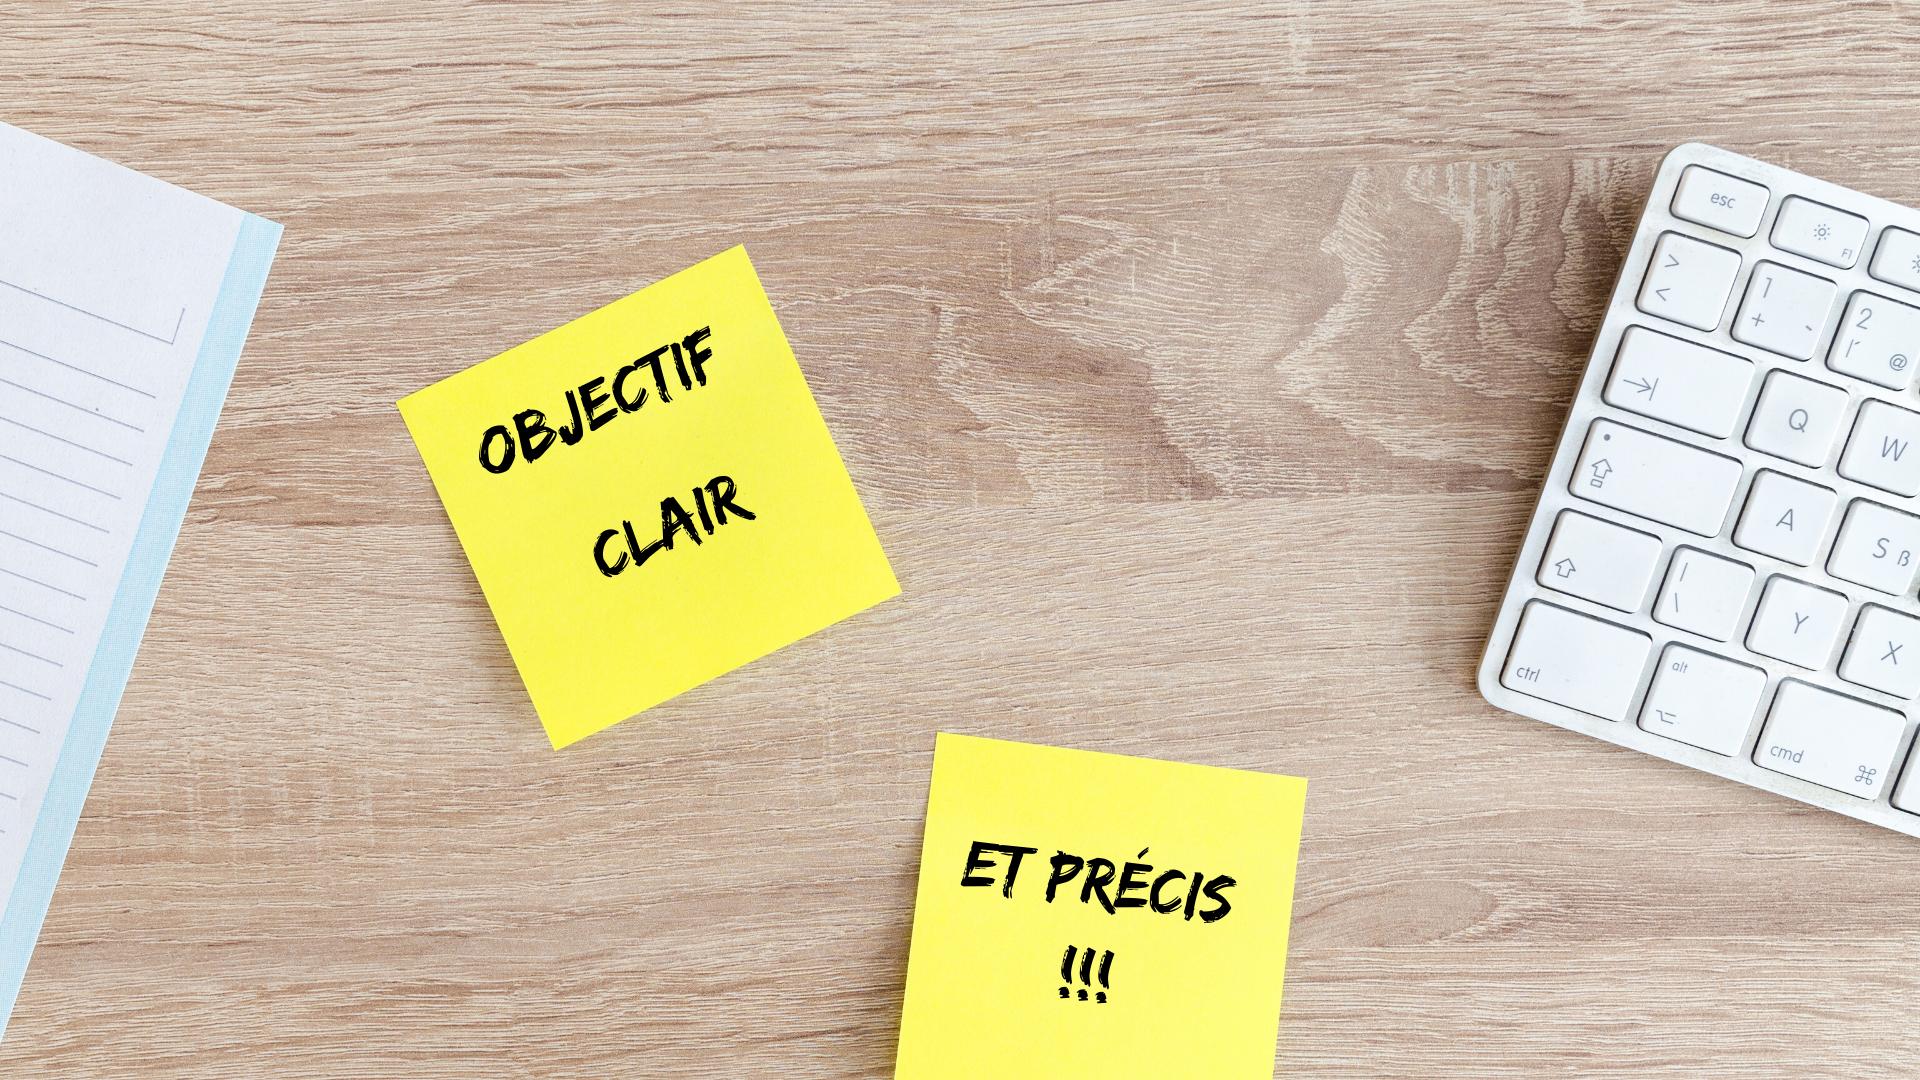 Objectif clair et précis écrit sur post-it